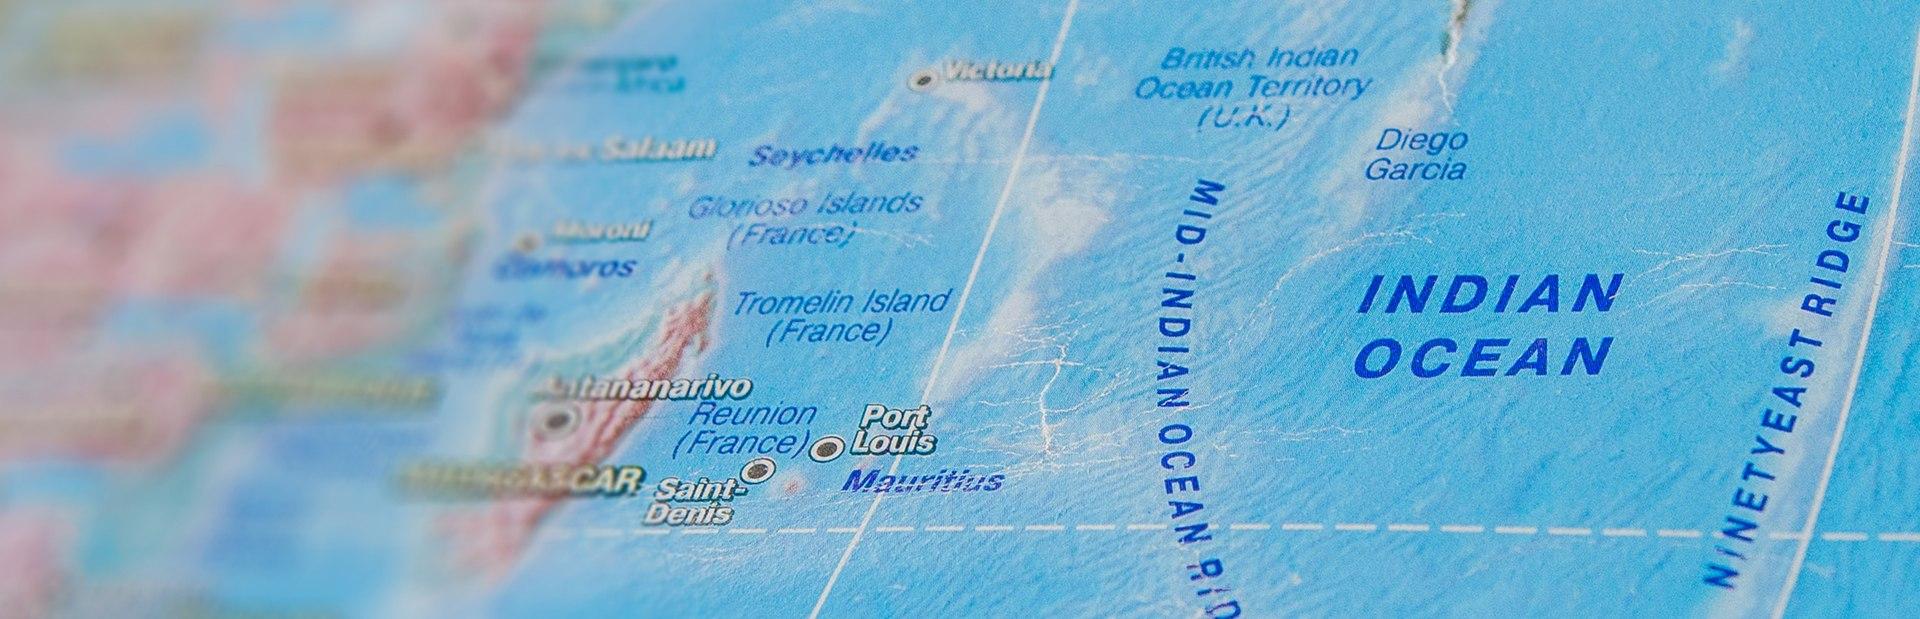 Indian Ocean interactive map